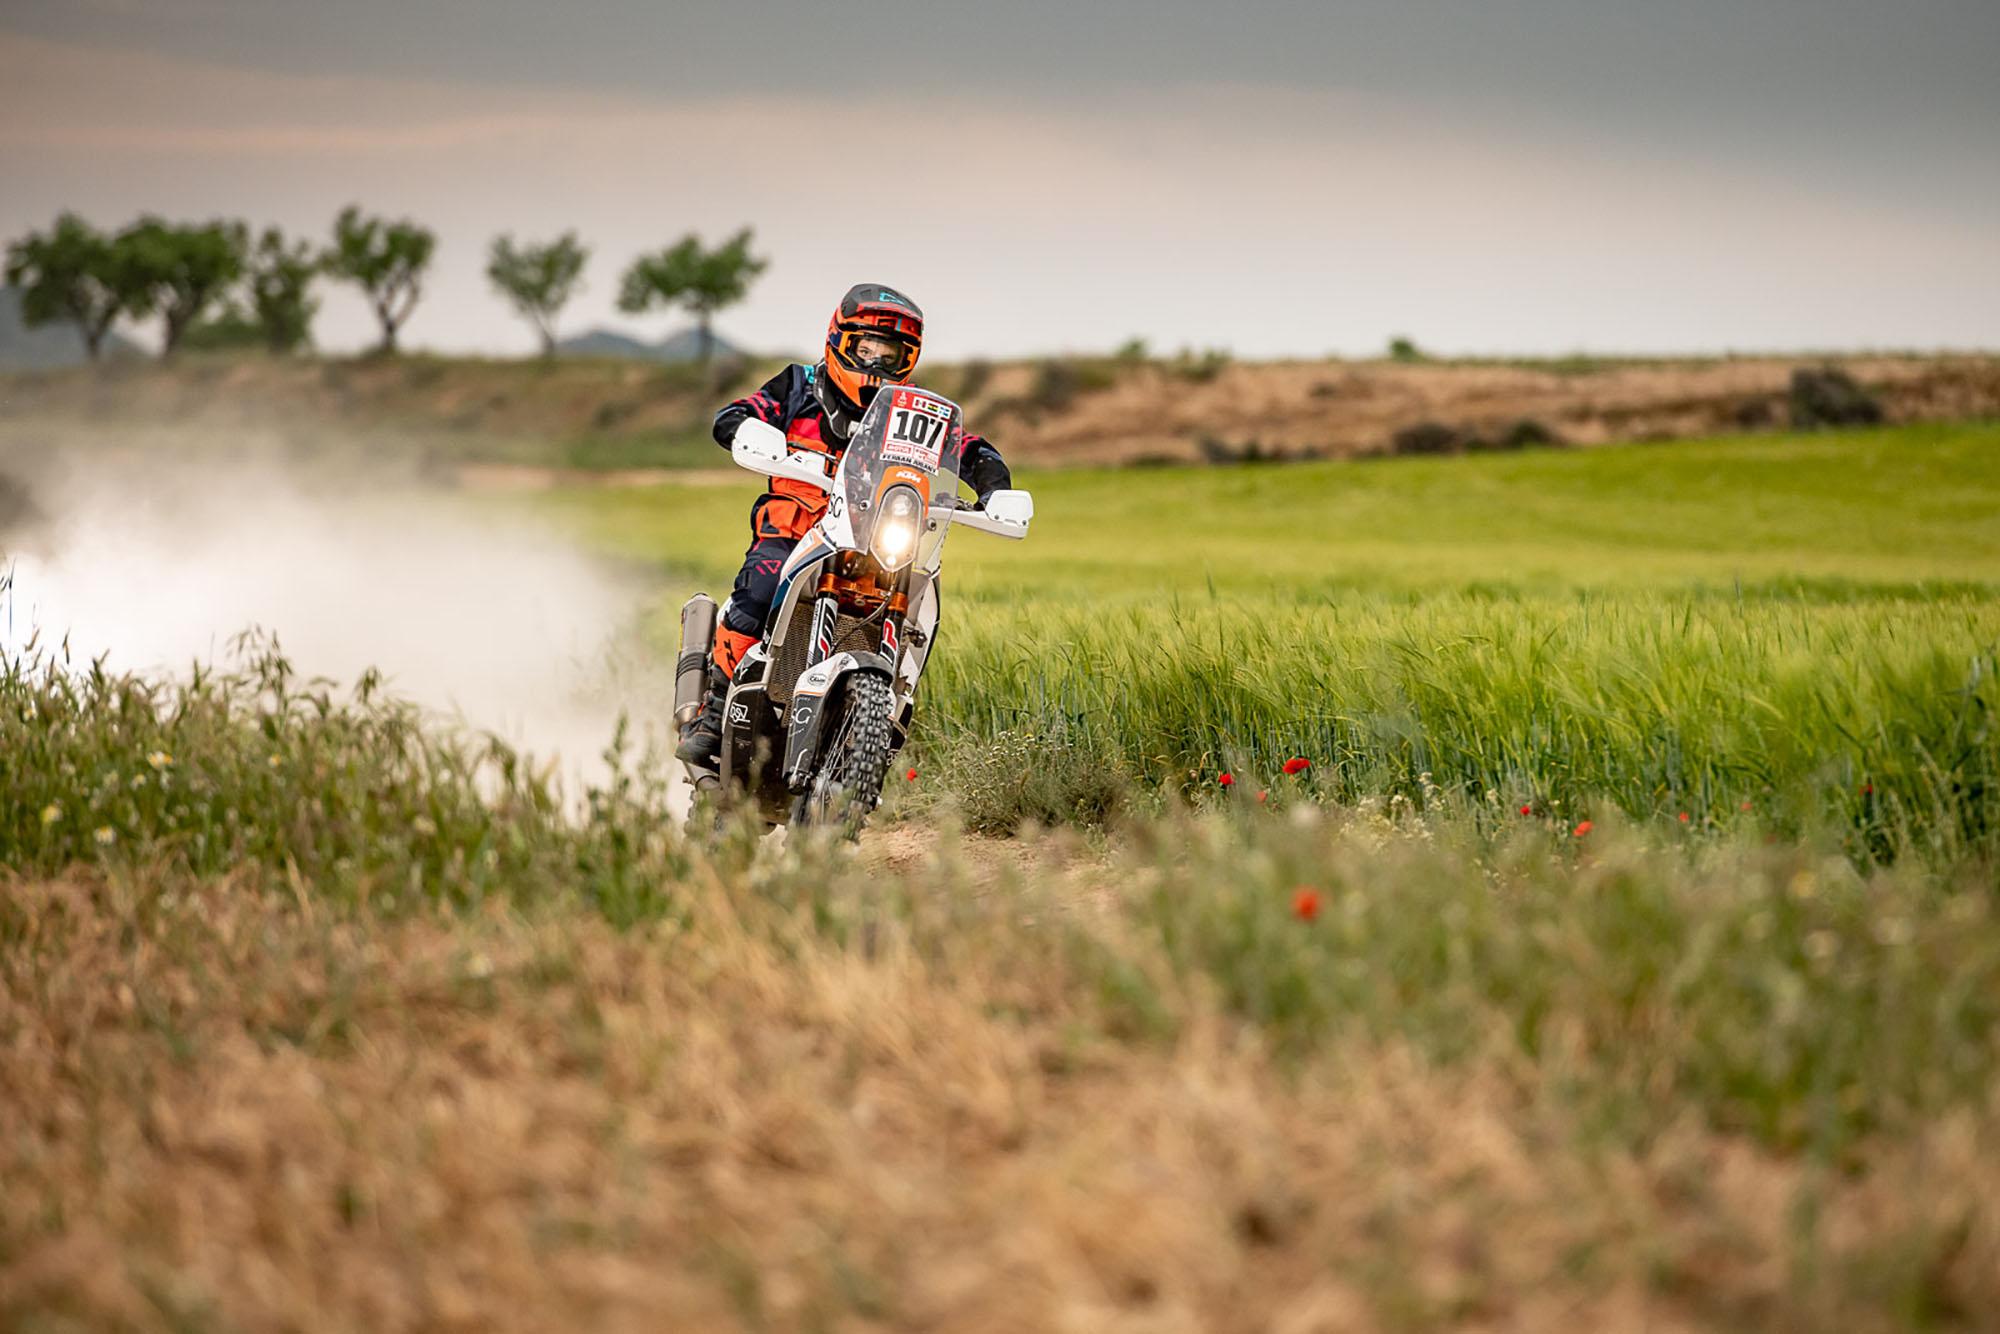 Leatt2019-MotoGPX_84682-ChristophLaue.jpg